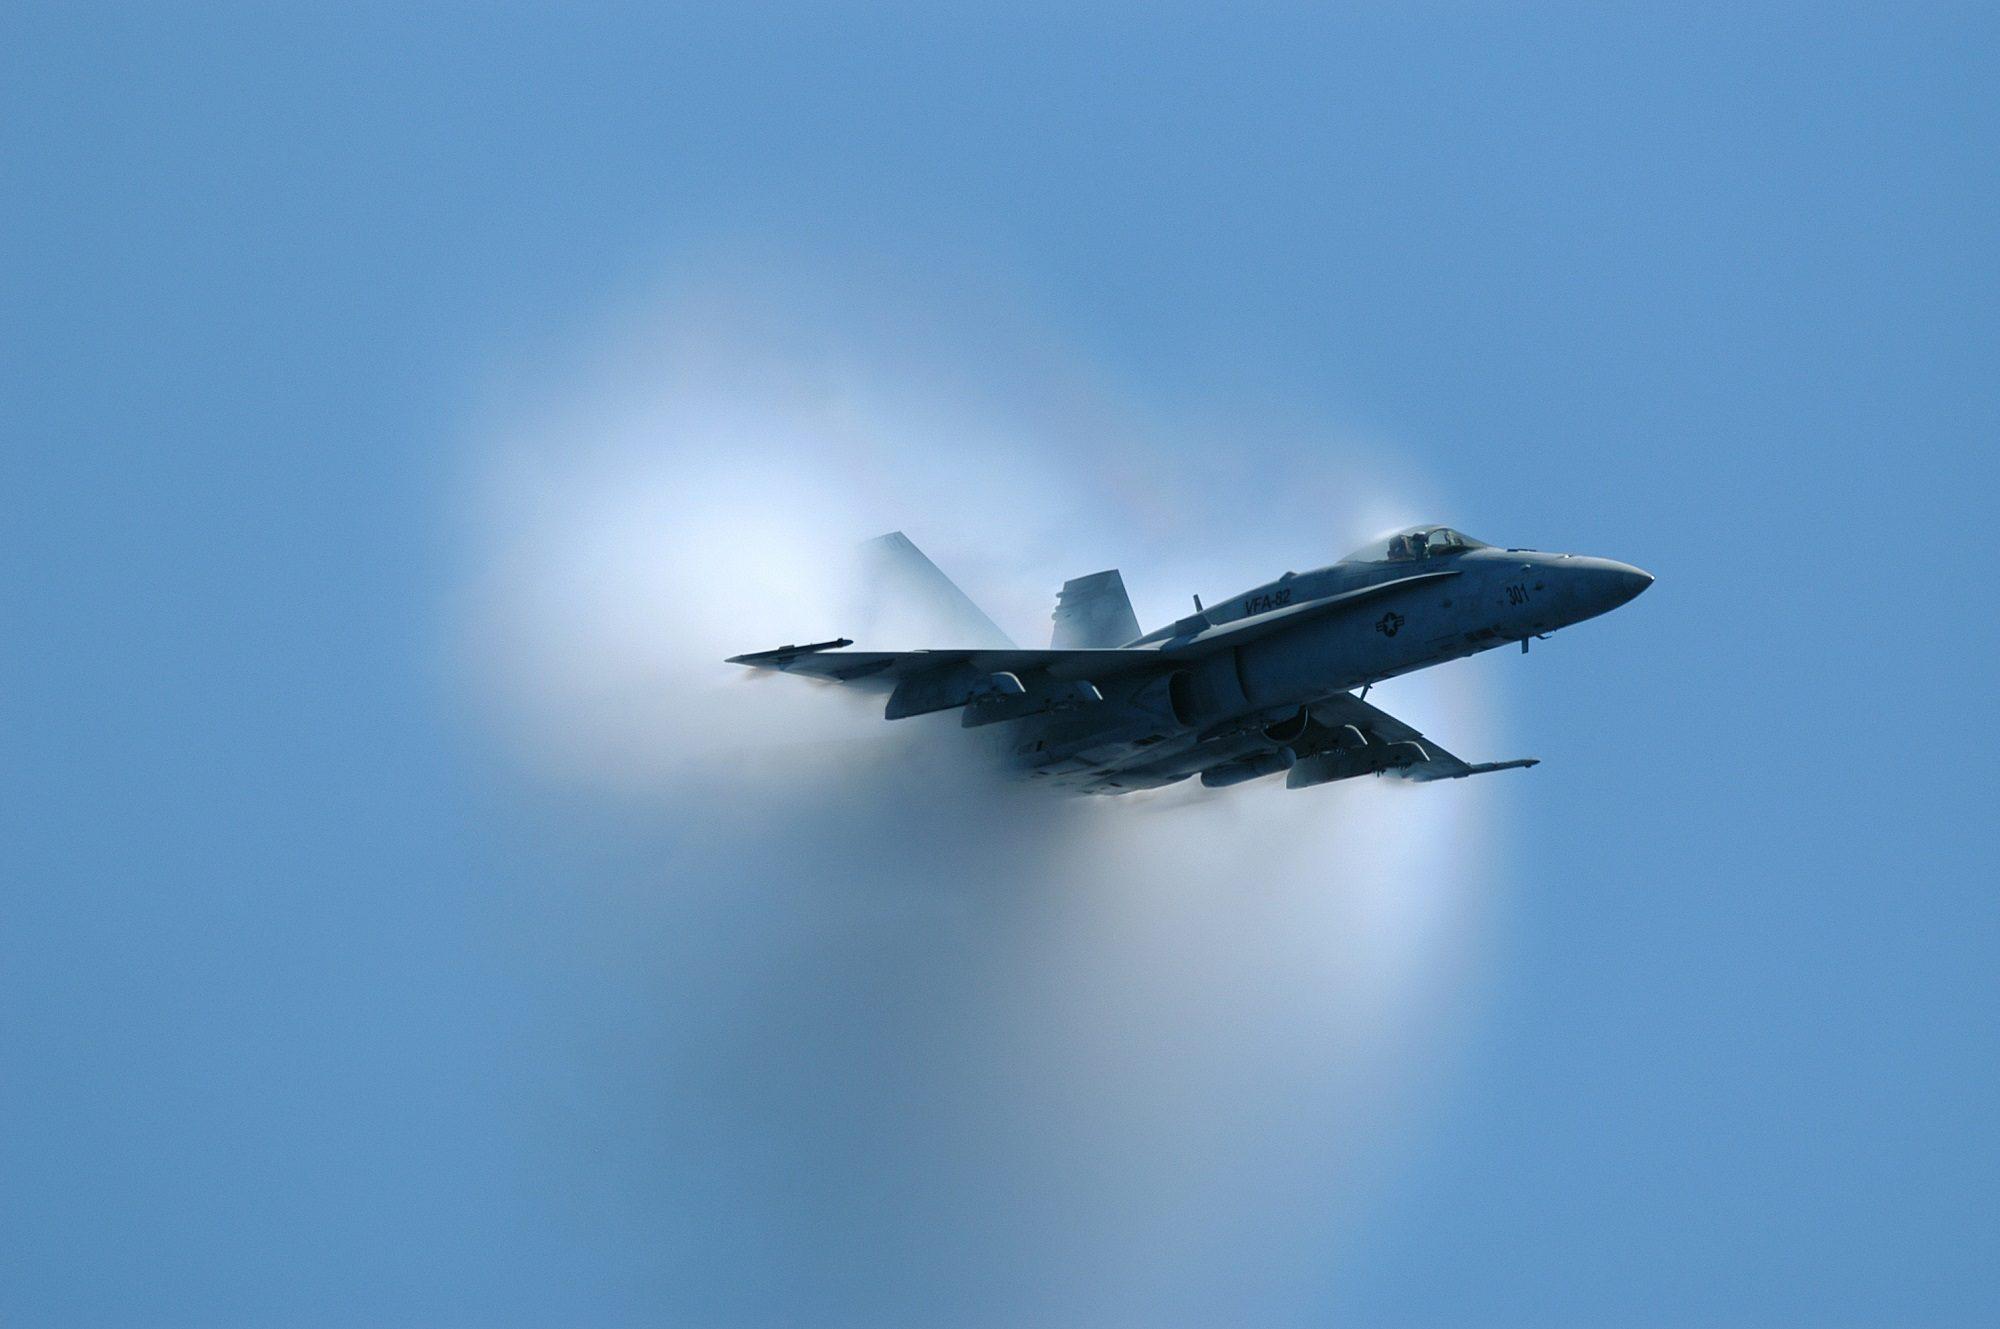 Flugzeug, Barriere, Klang, Geschwindigkeit, Explosion - Wallpaper HD - Prof.-falken.com